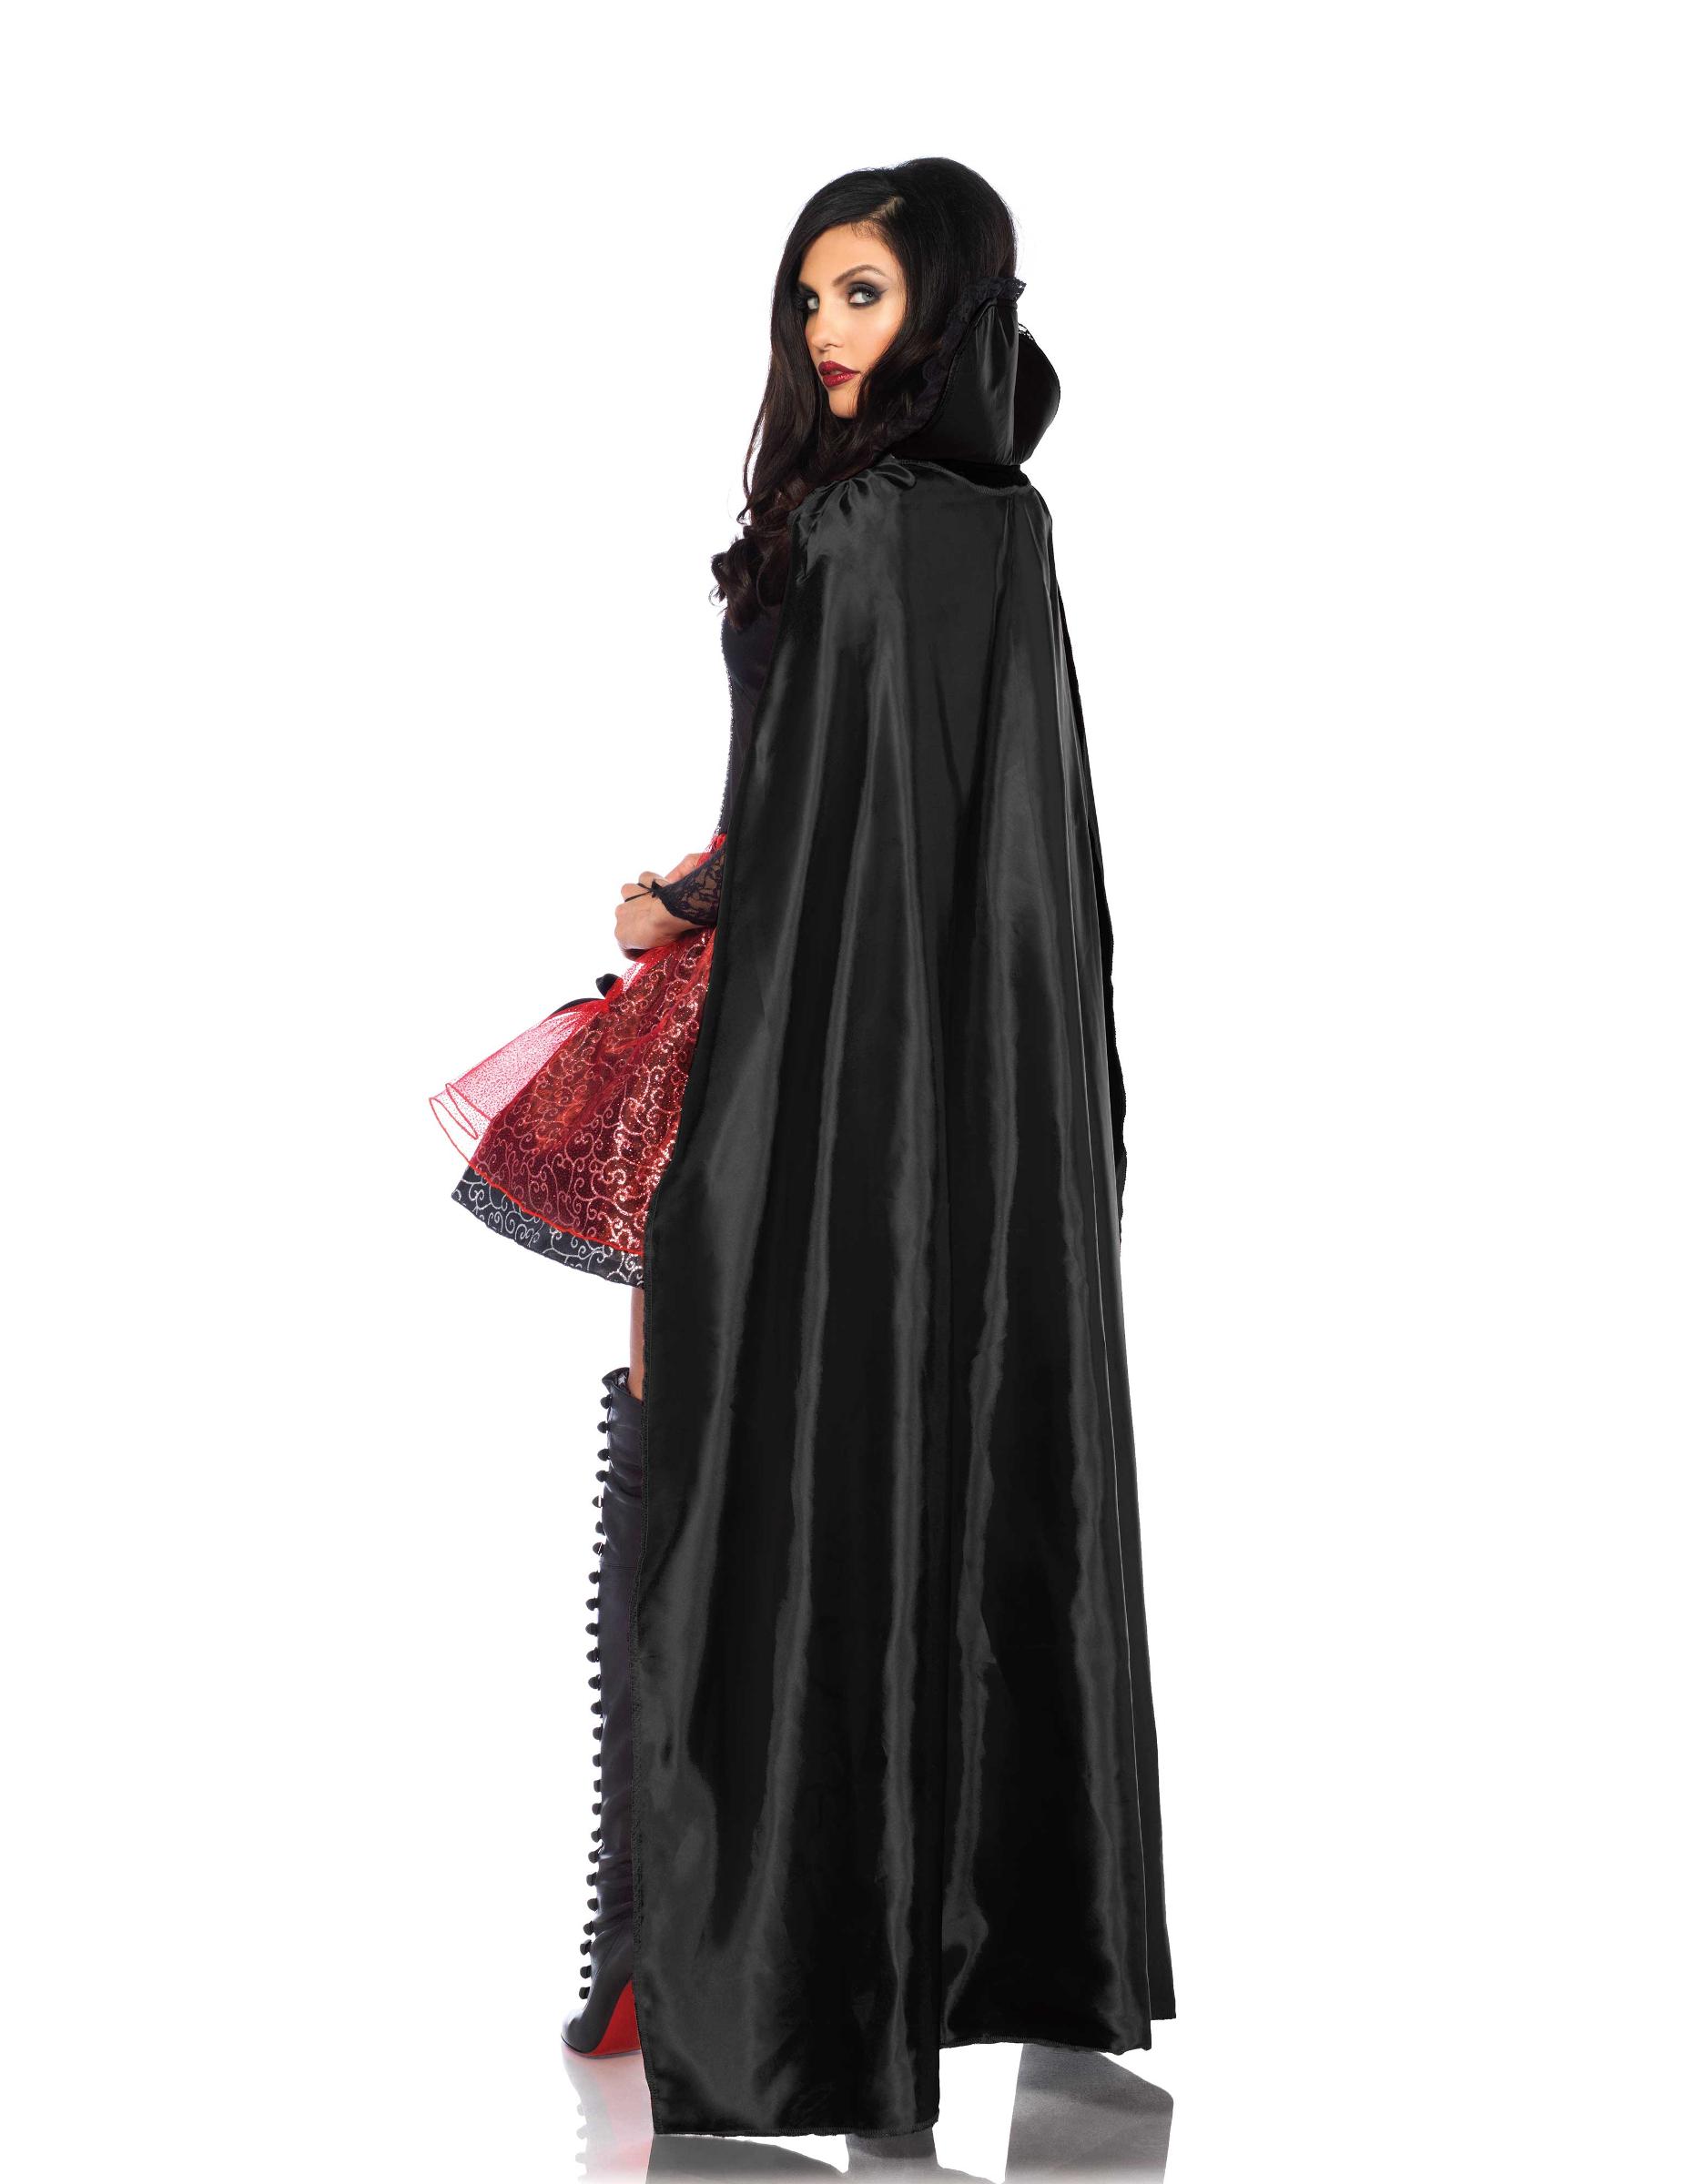 d guisement vampire tentatrice avec cape d tachable femme halloween deguise toi achat de. Black Bedroom Furniture Sets. Home Design Ideas